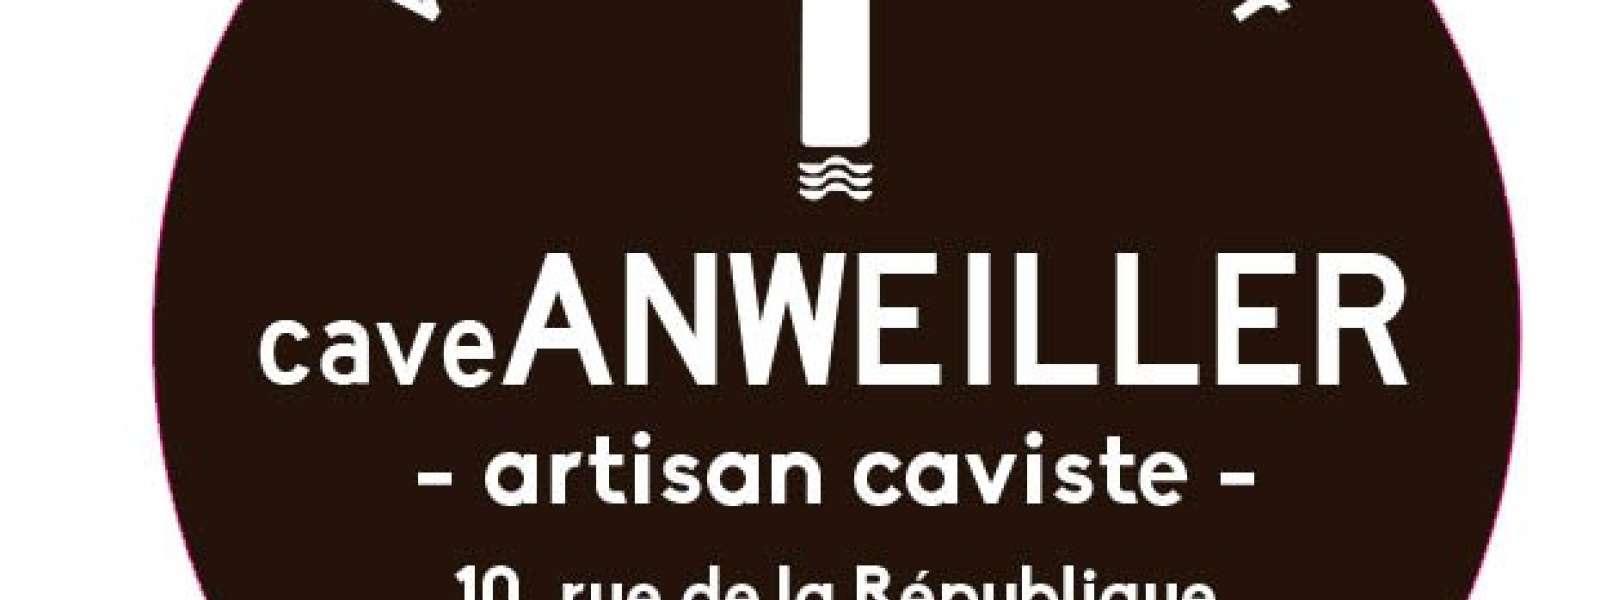 Logo Cave Anweiller